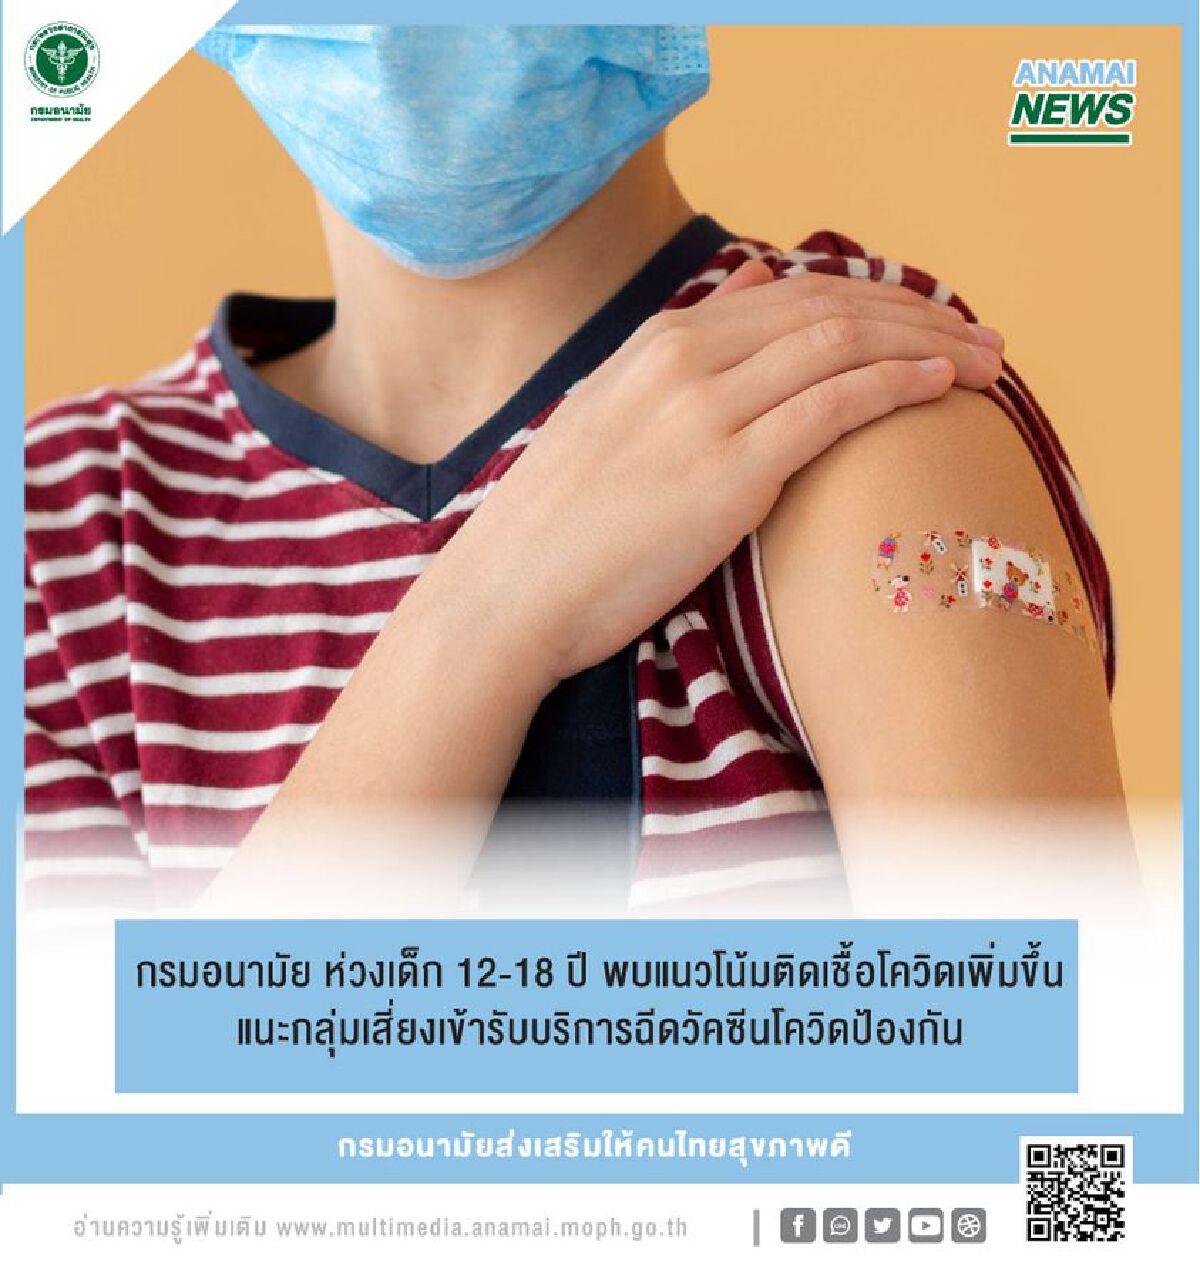 เด็กอายุ 12-18 ปี กลุ่มเสี่ยง รีบฉีดวัคซีน